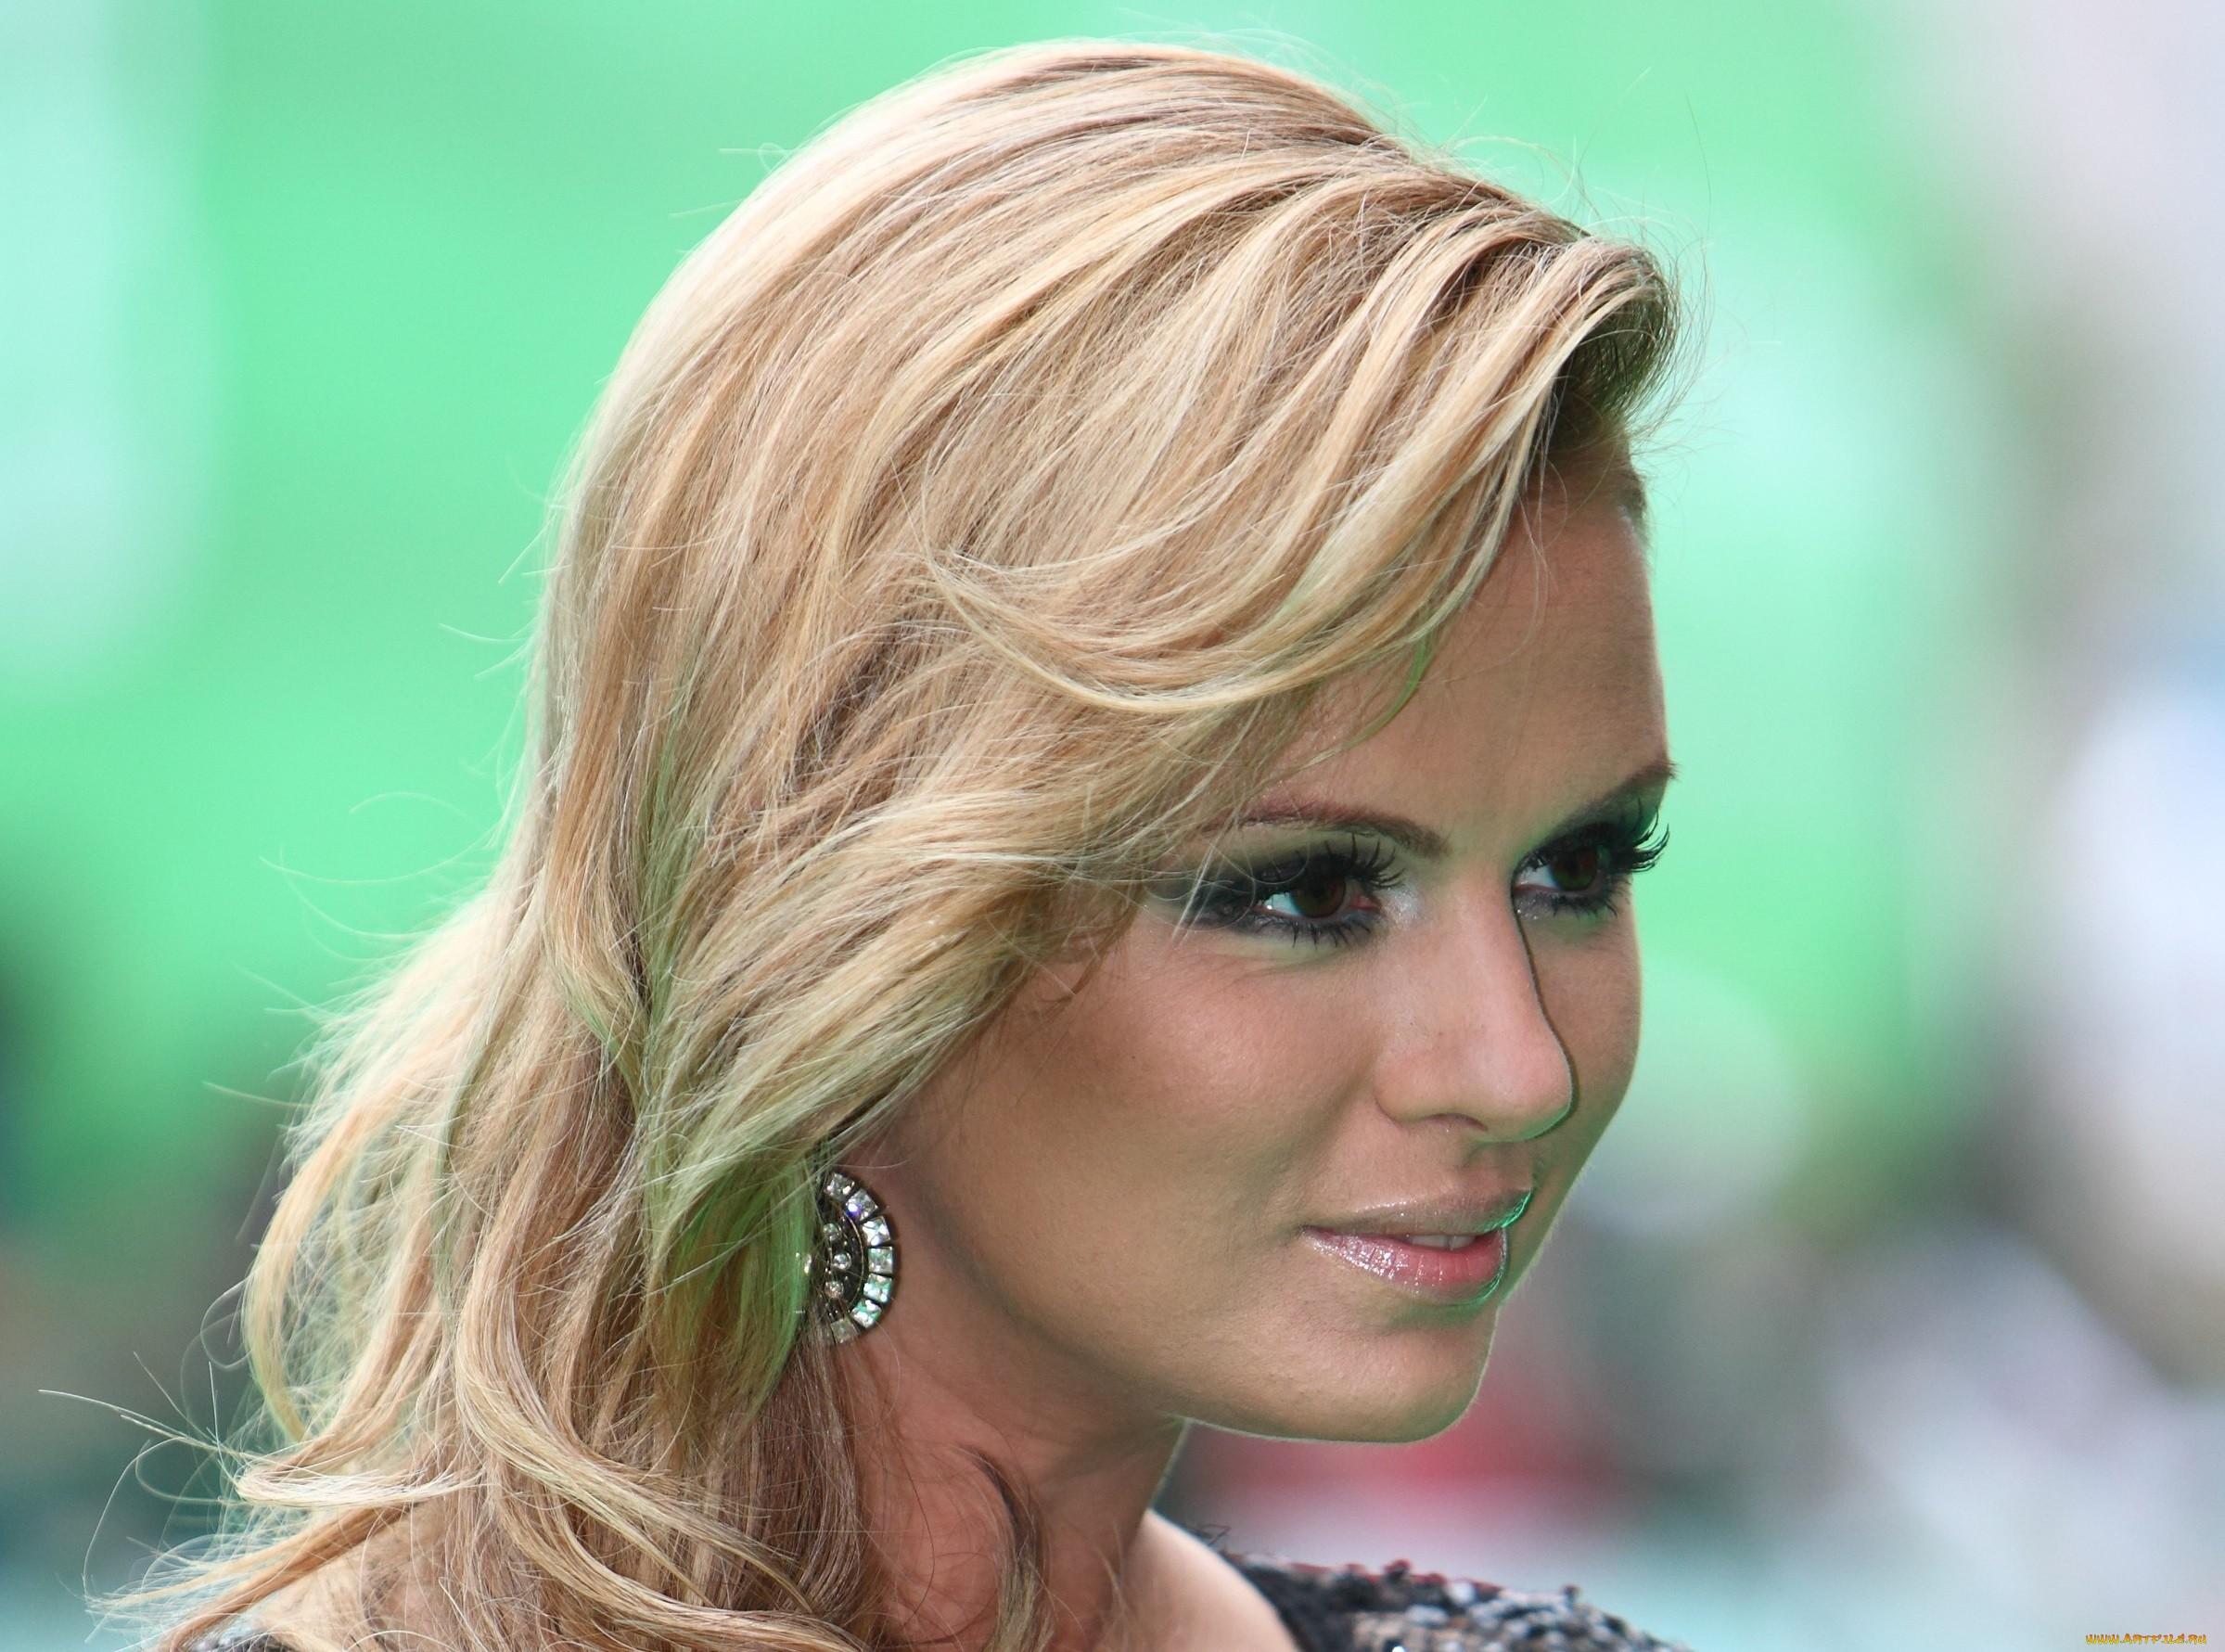 Российские актрисы телеведущие спортсменки фото 9 фотография